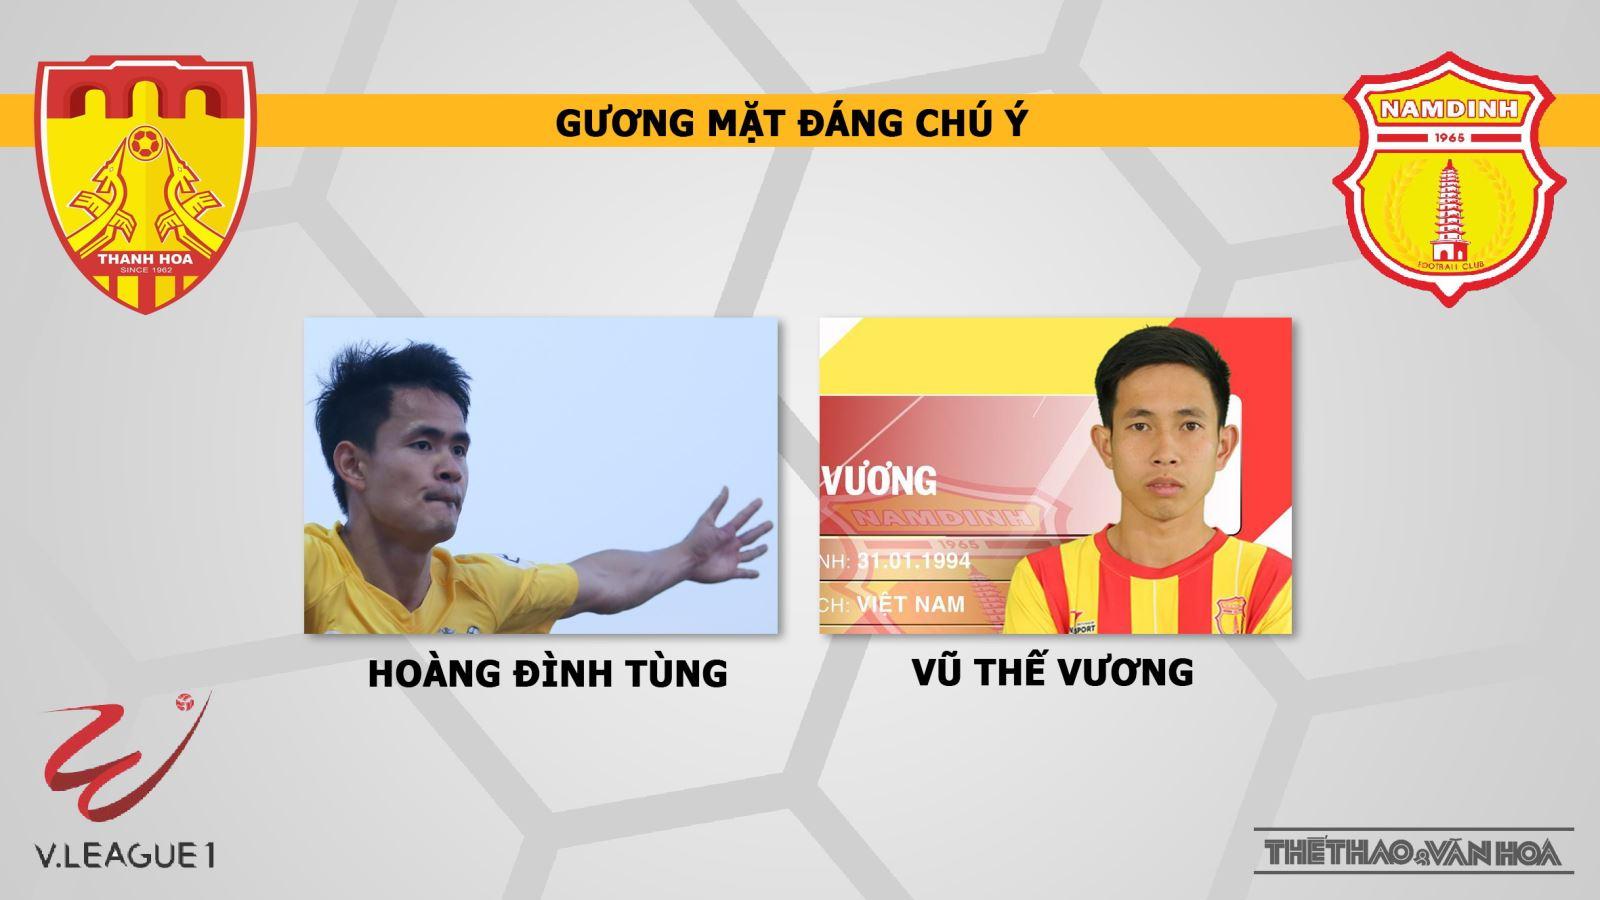 Thanh Hóa vs Nam Định, trực tiếp Thanh Hóa vs Nam Định, trực tiếp bóng đá, nhận định Thanh Hóa vs Nam Định, V-League 2019, Thanh Hóa, Nam Định